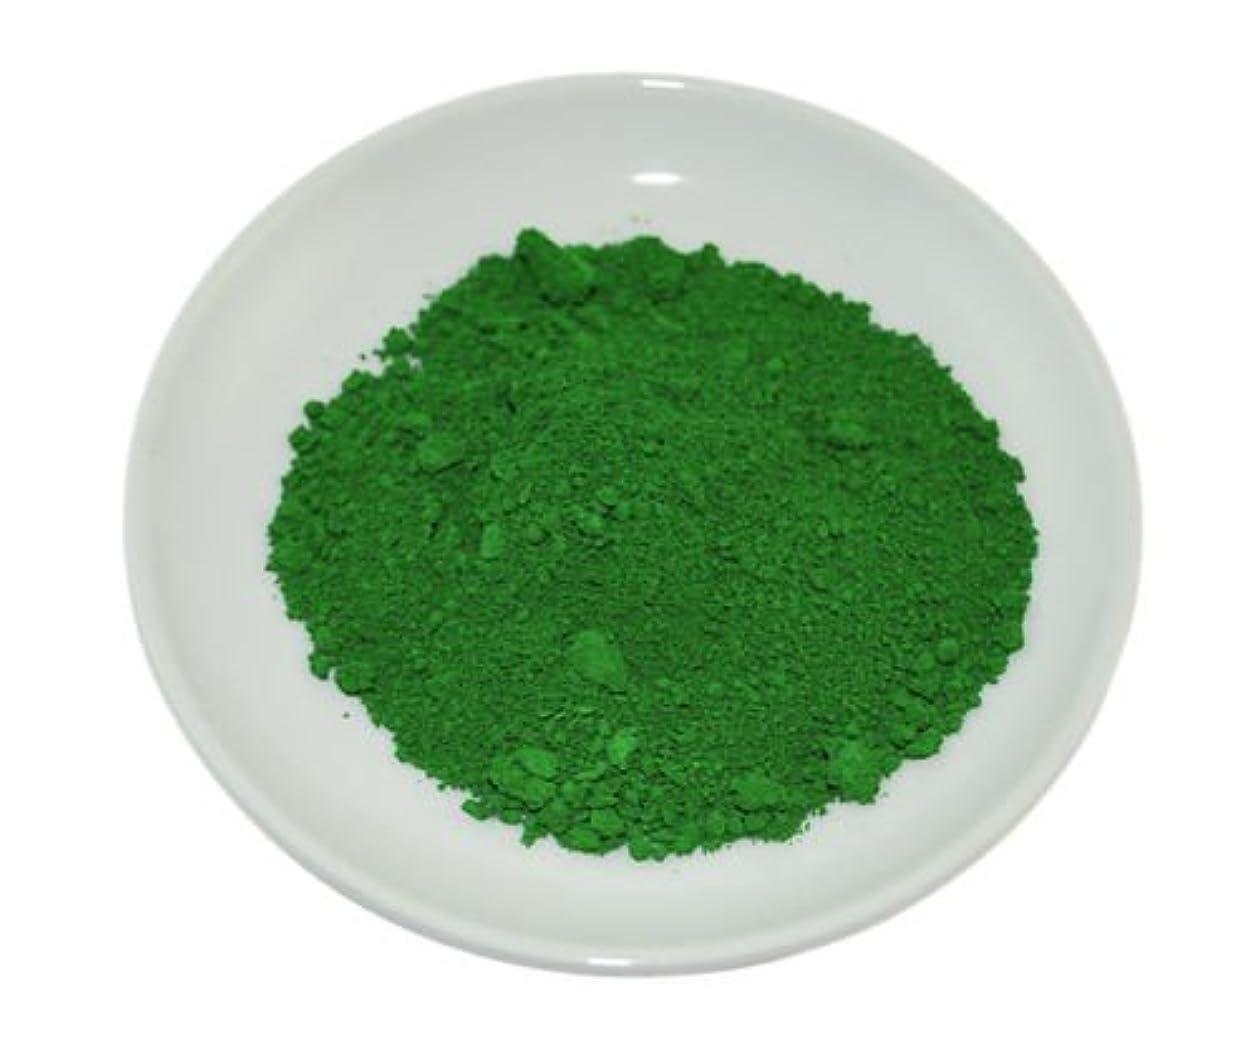 いたずらなずるい瀬戸際Green Chrome Oxide Mineral Powder 100g